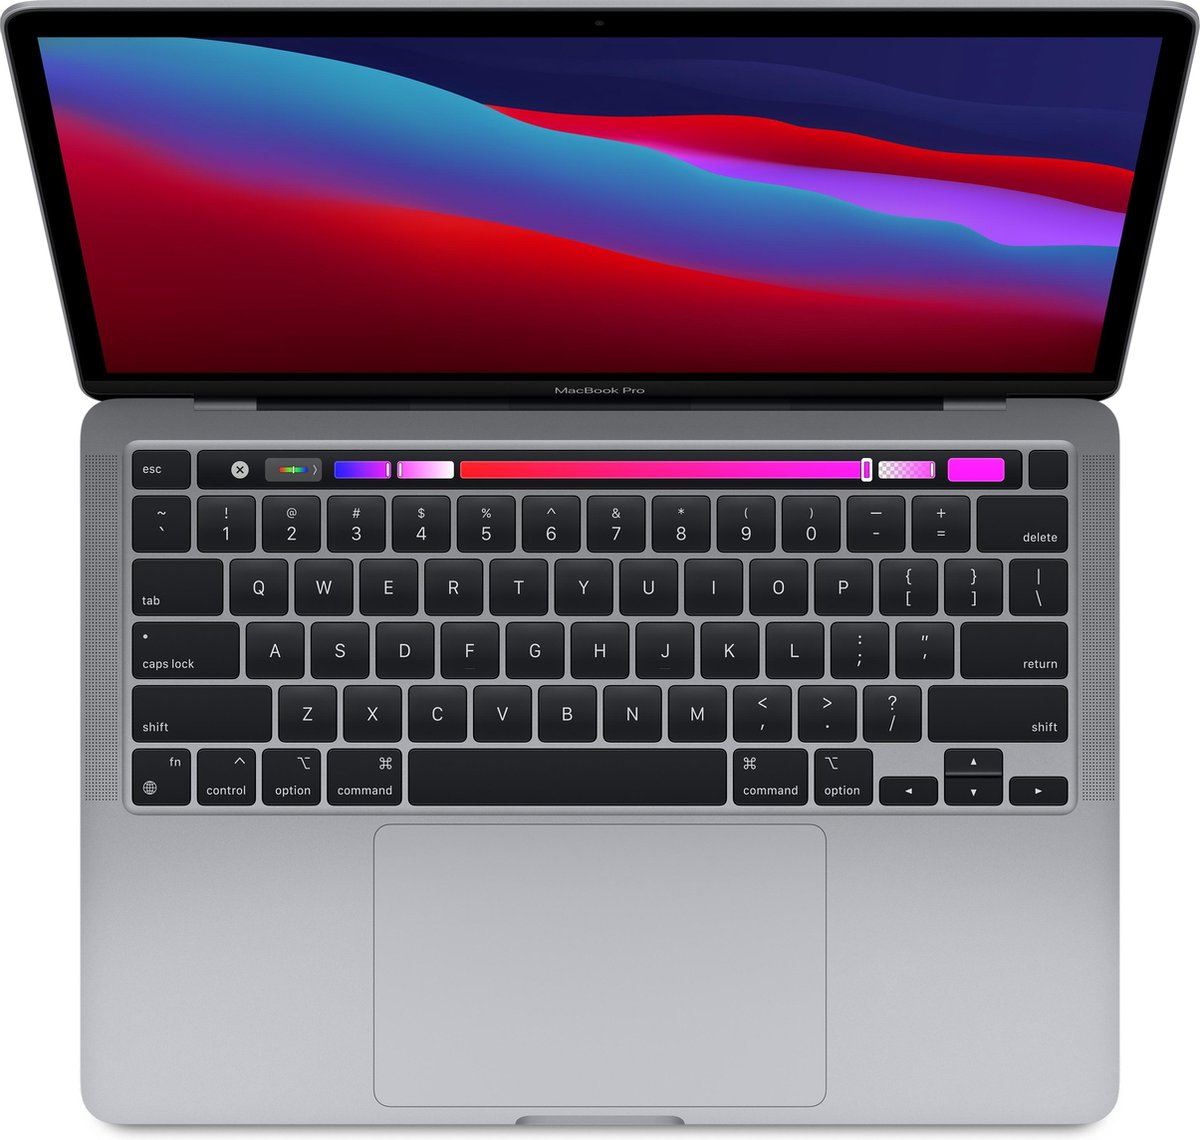 Apple MacBook Pro (November, 2020) - 13.3 inch - Apple M1 - 512 GB - Spacegrey voor fotobewerken